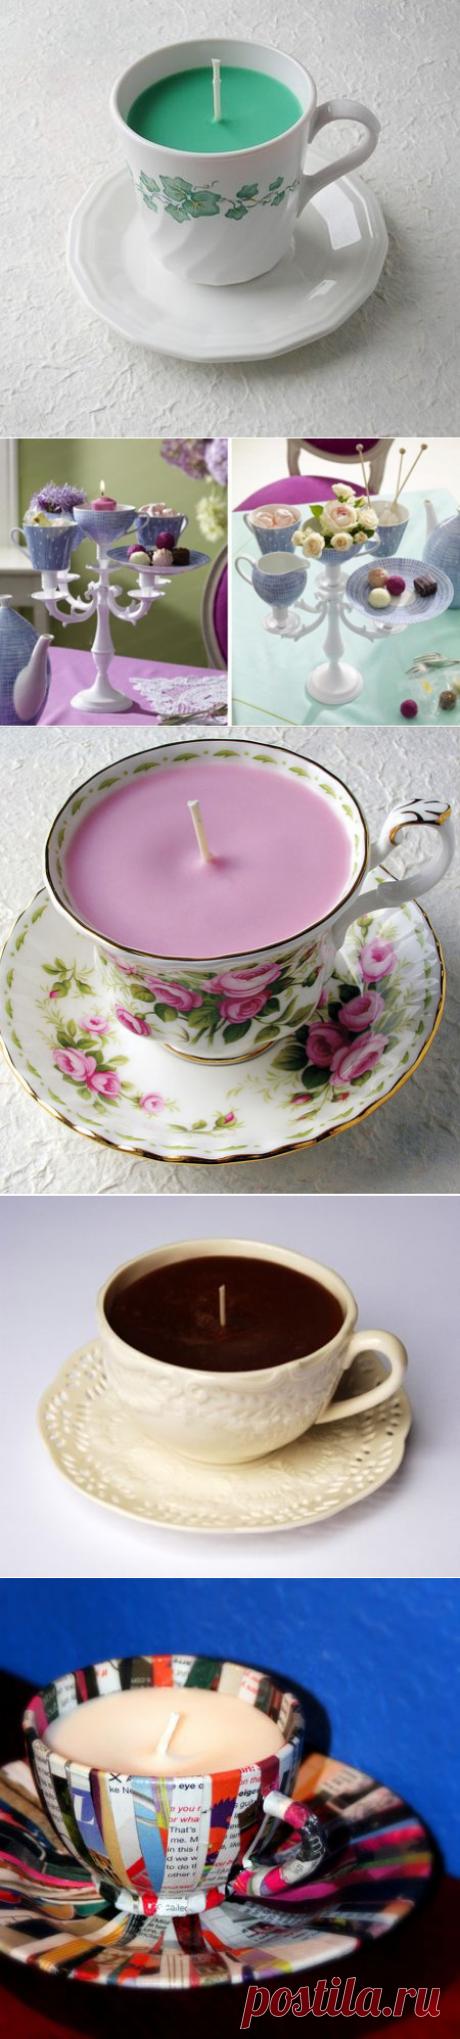 Красивые поделки из чашек своими руками